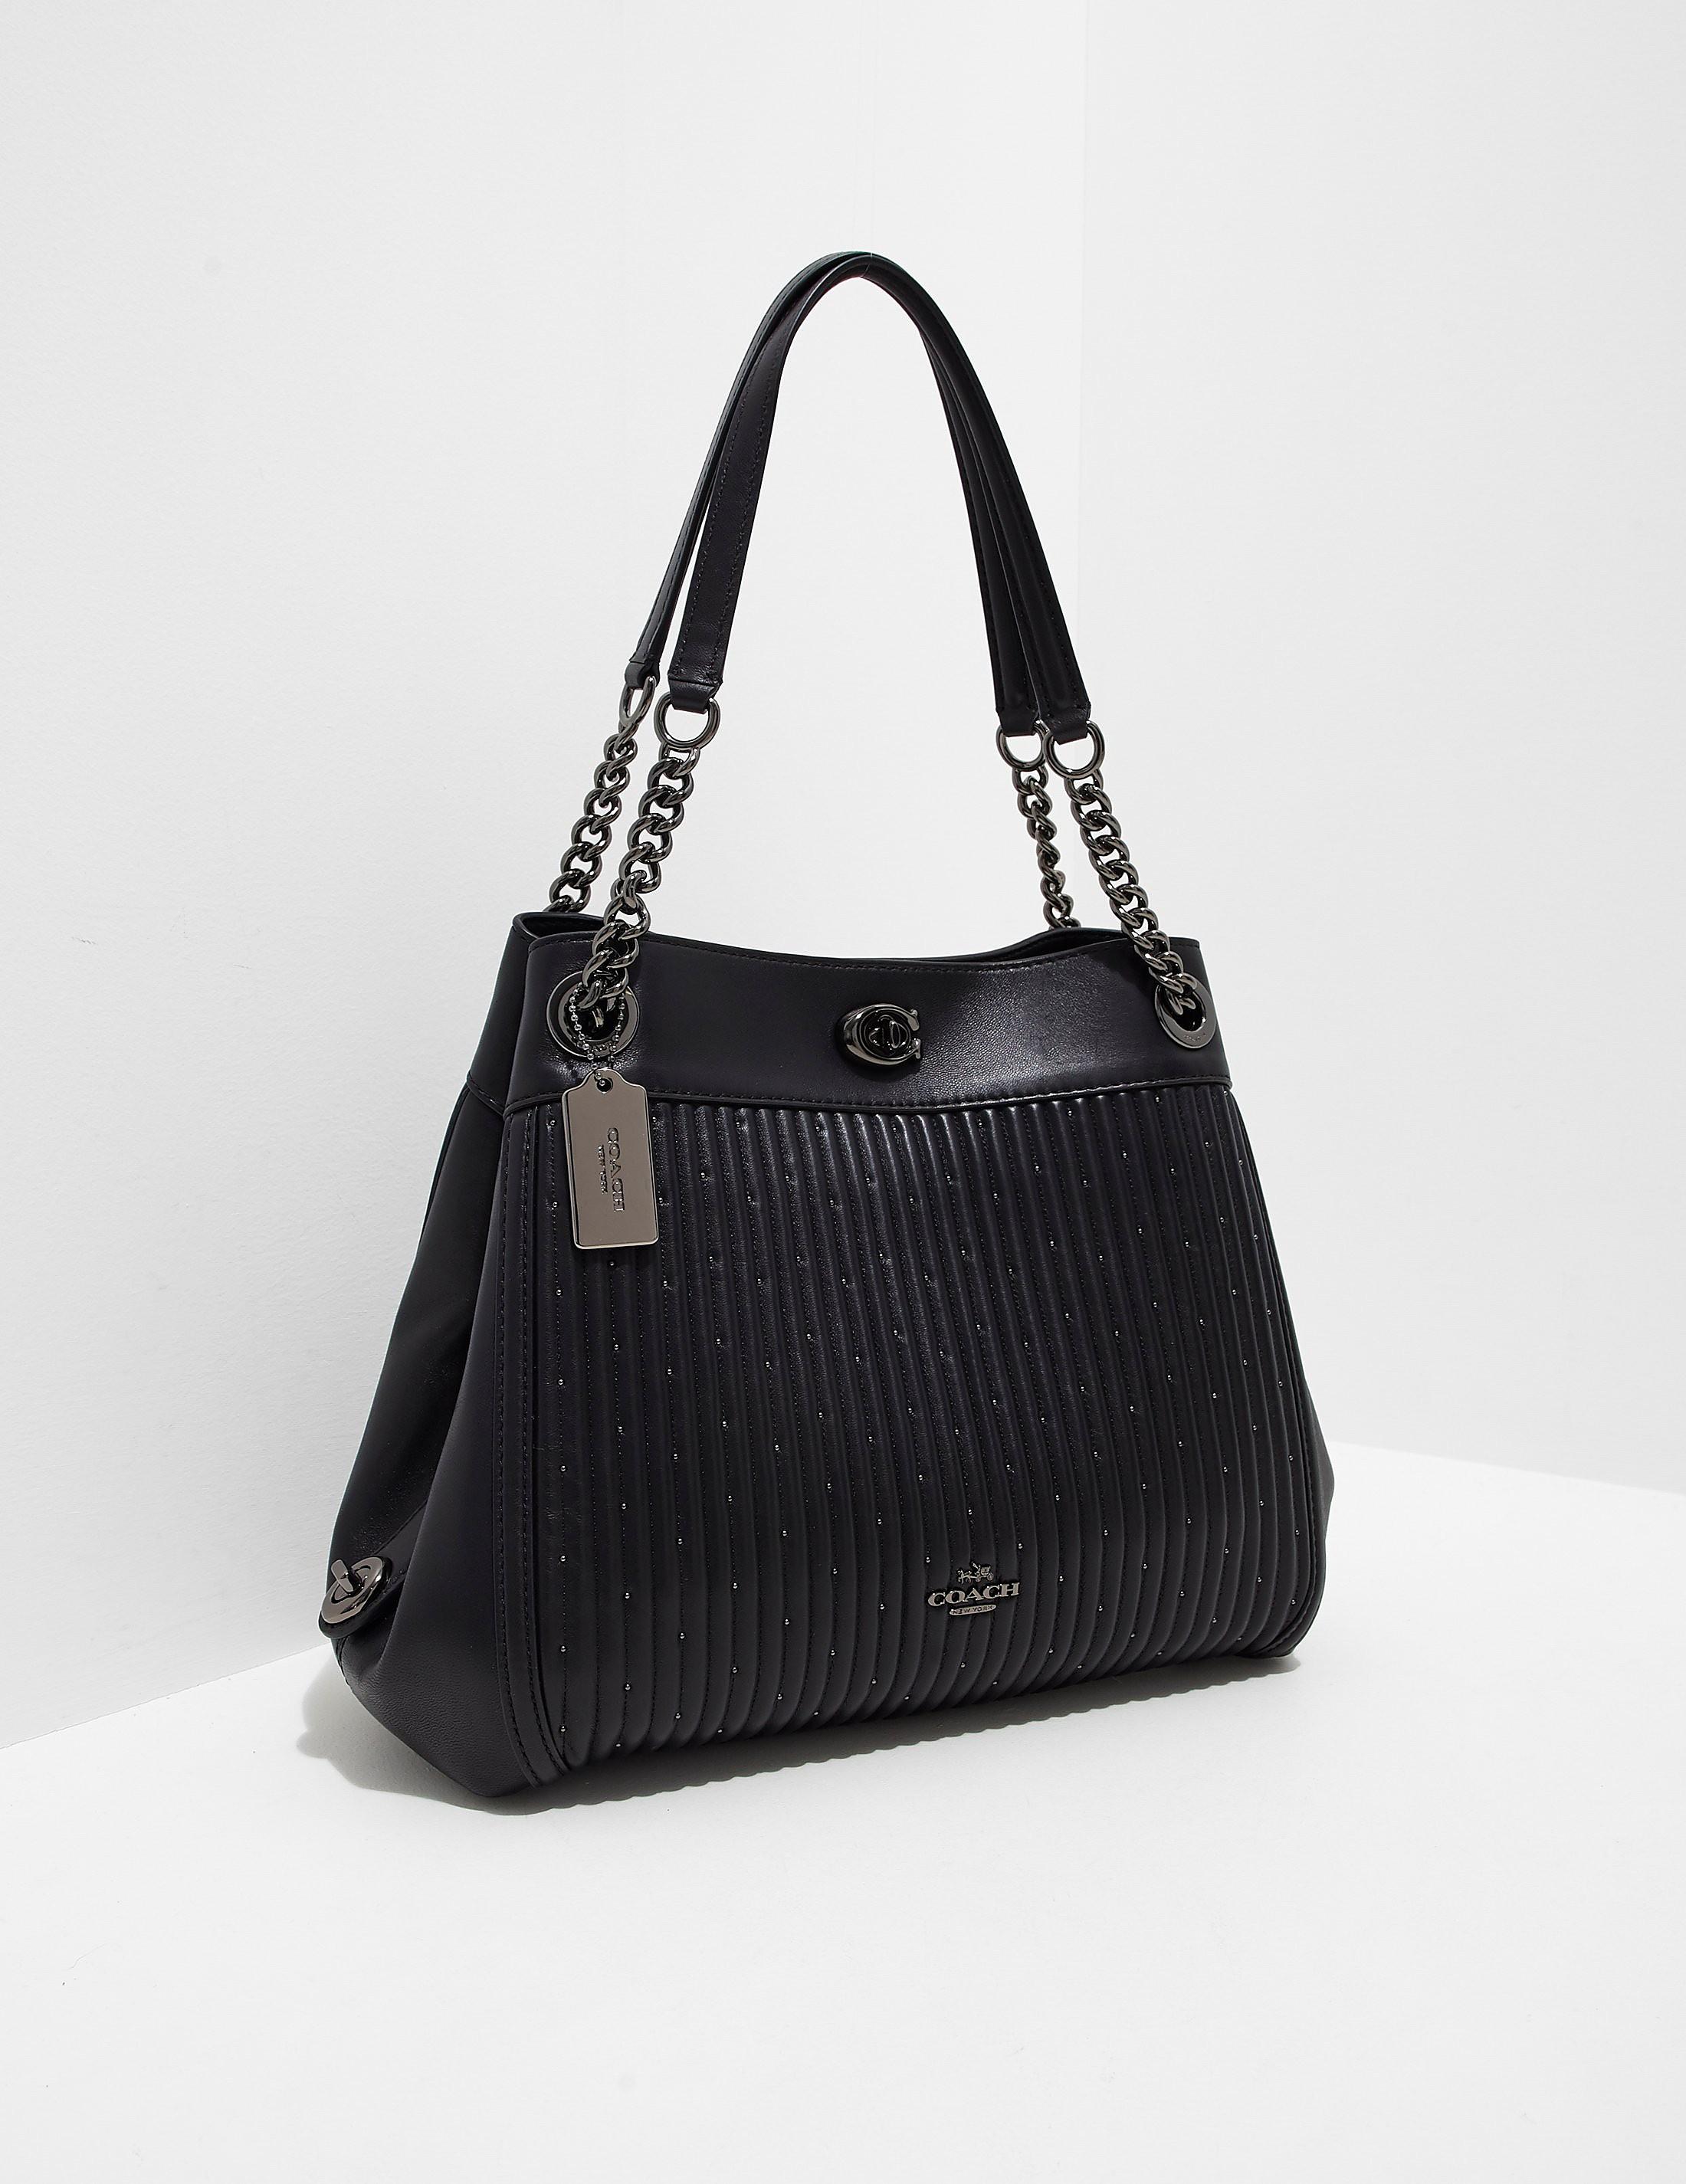 COACH Turnlock Edie Chain Bag